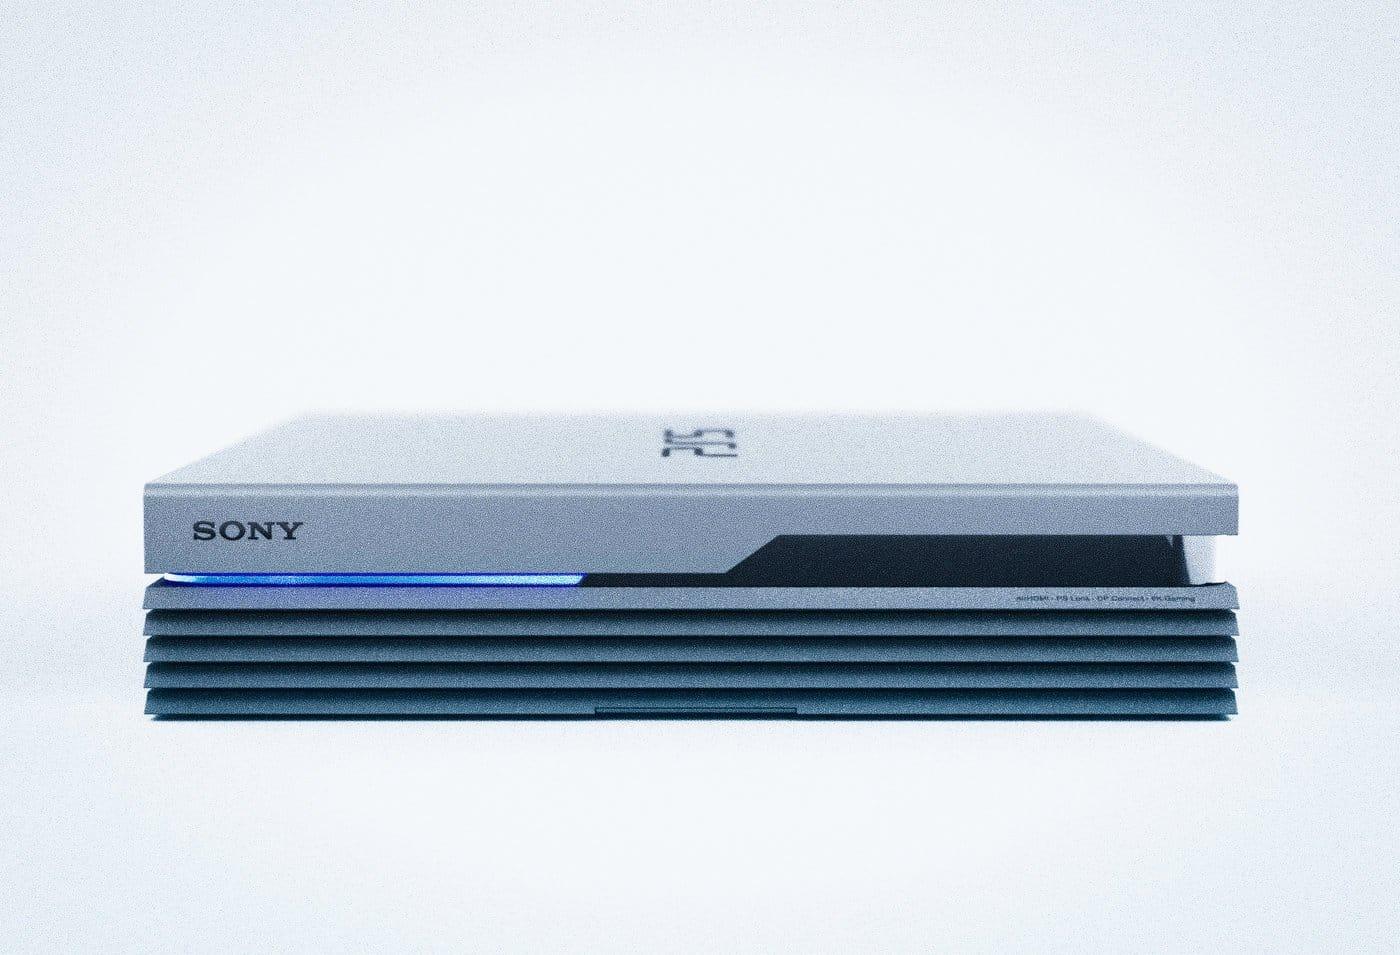 Sony-PlayStation-5-6-3.jpg